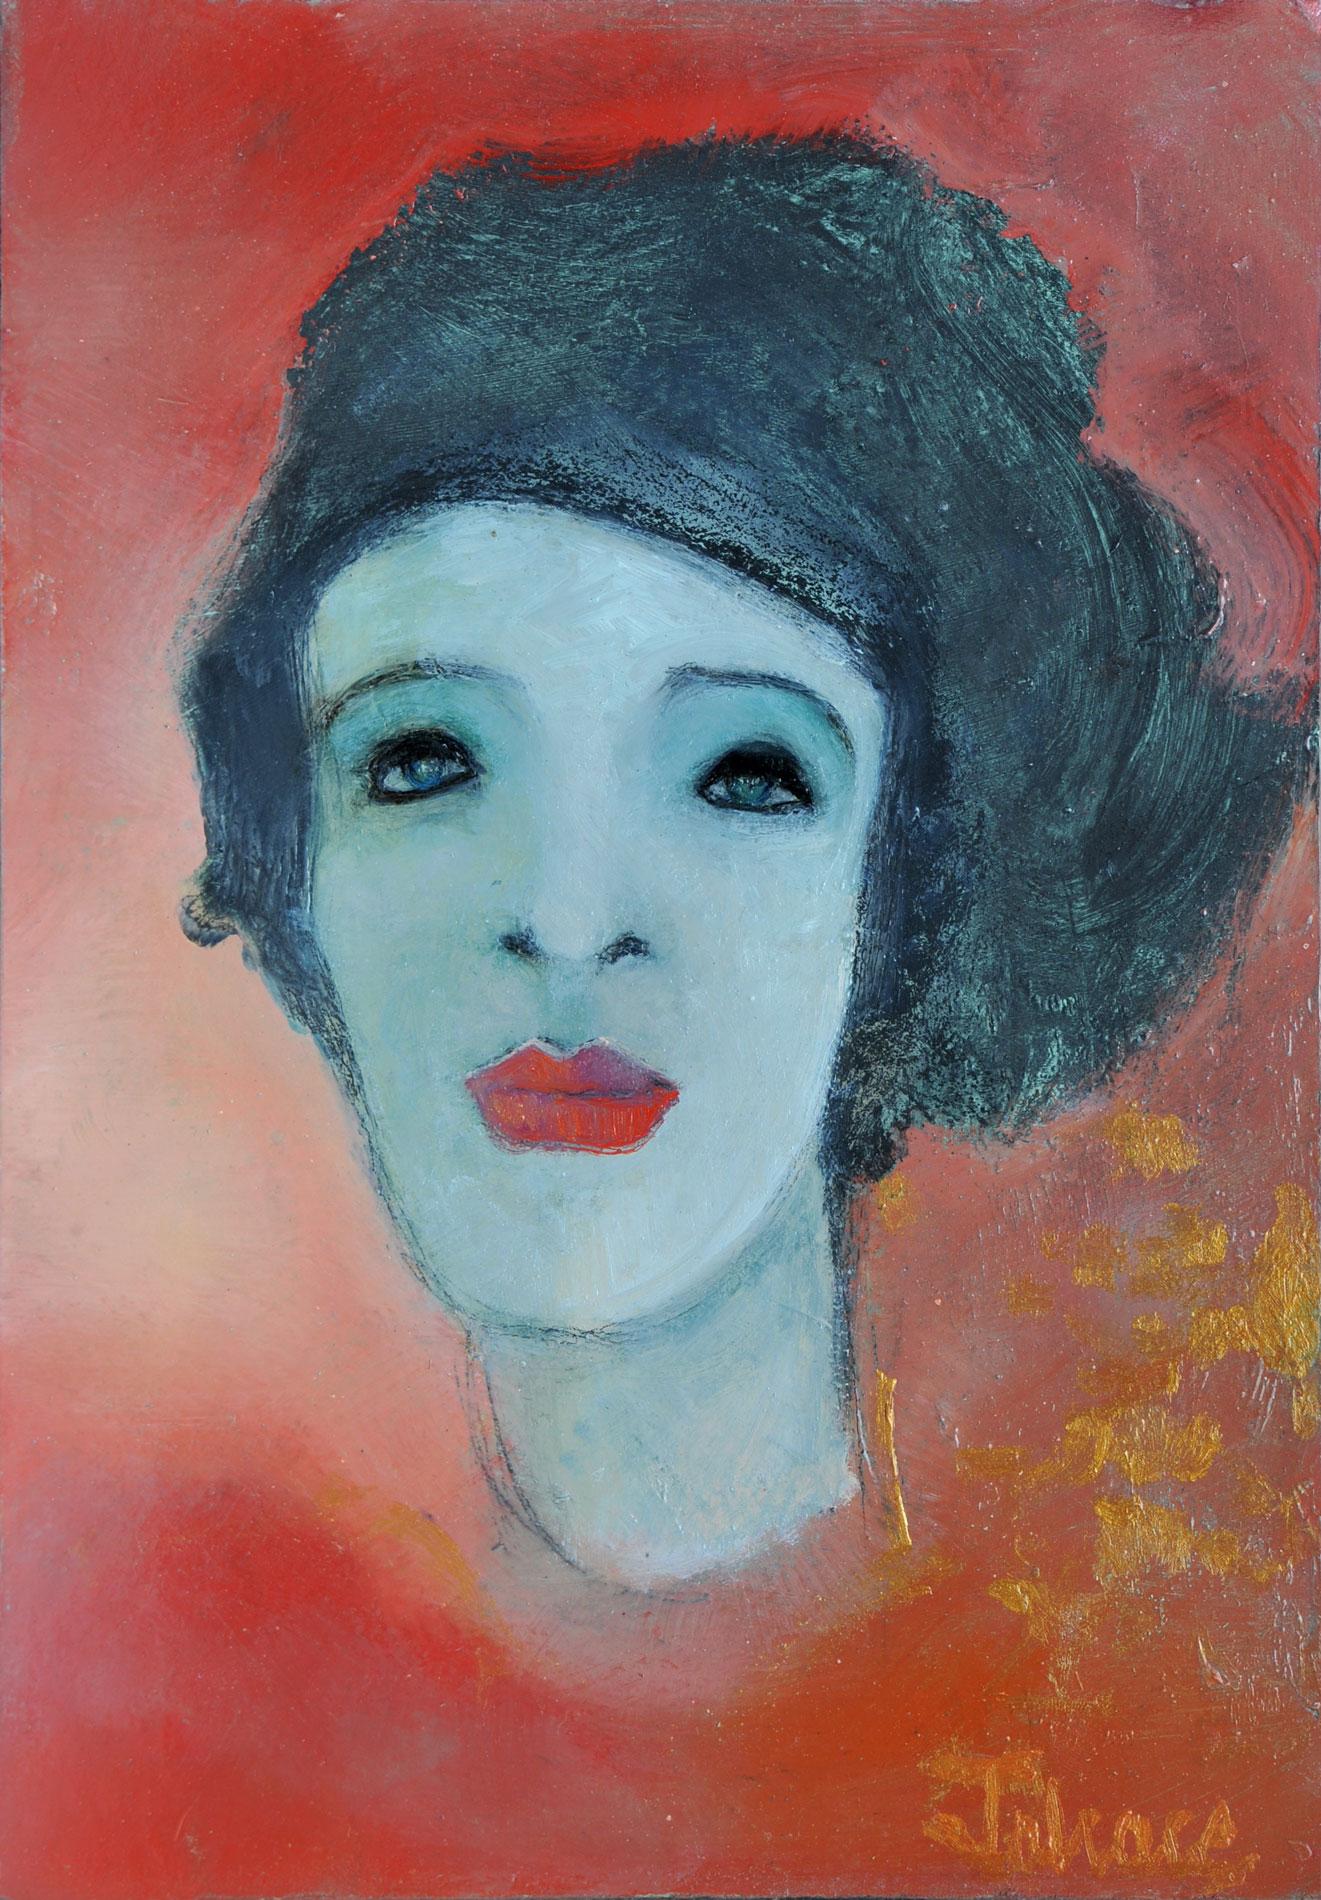 JUDITH - Huile sur Toile de 41x27cm - Peintre Frédéric Latrace